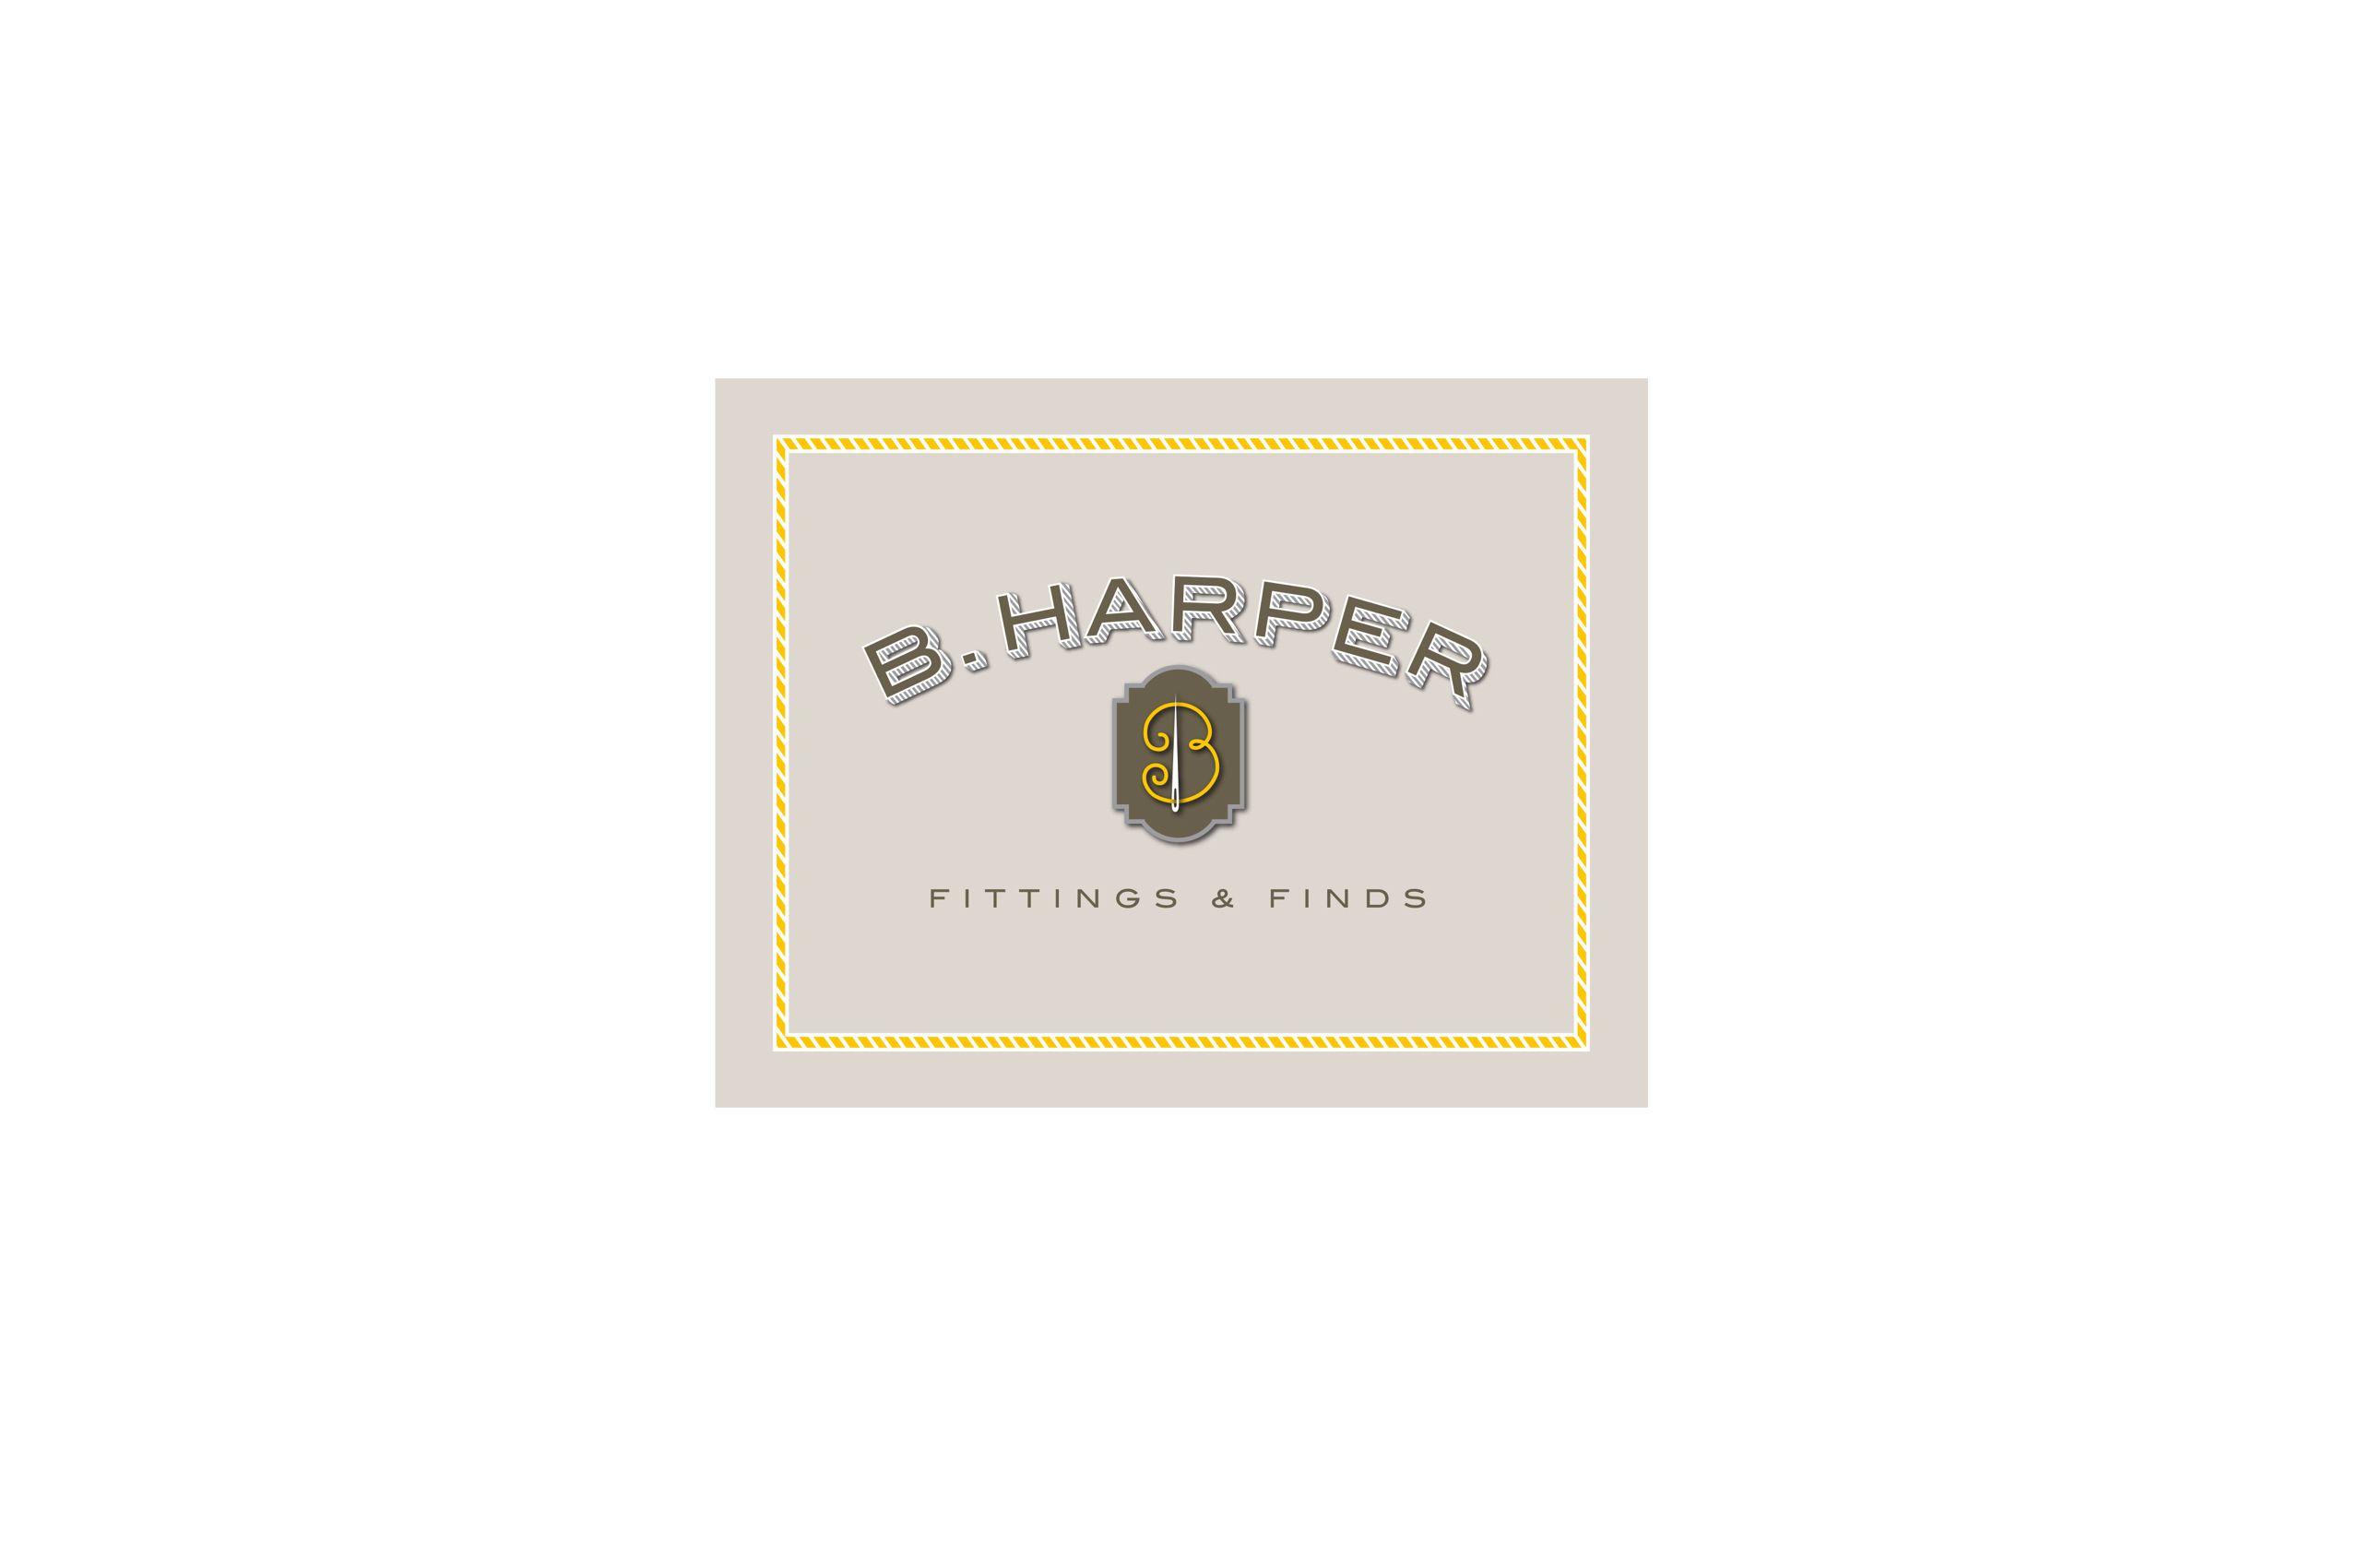 BHarper.jpg